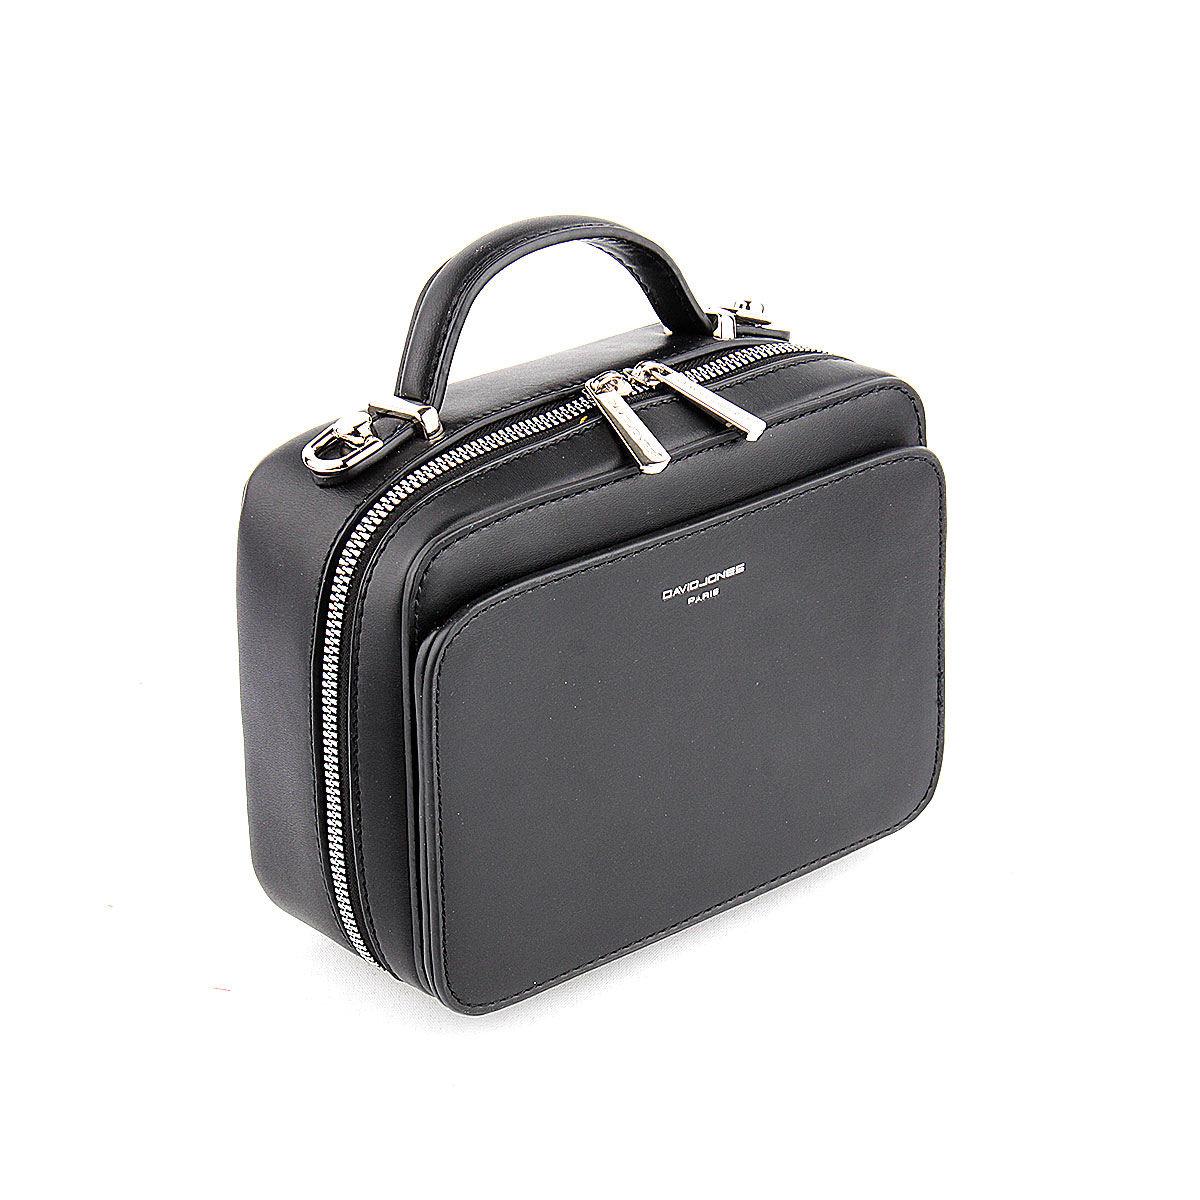 کیف رو دوشی زنانه دیوید جونز مدل 5662 -  - 10